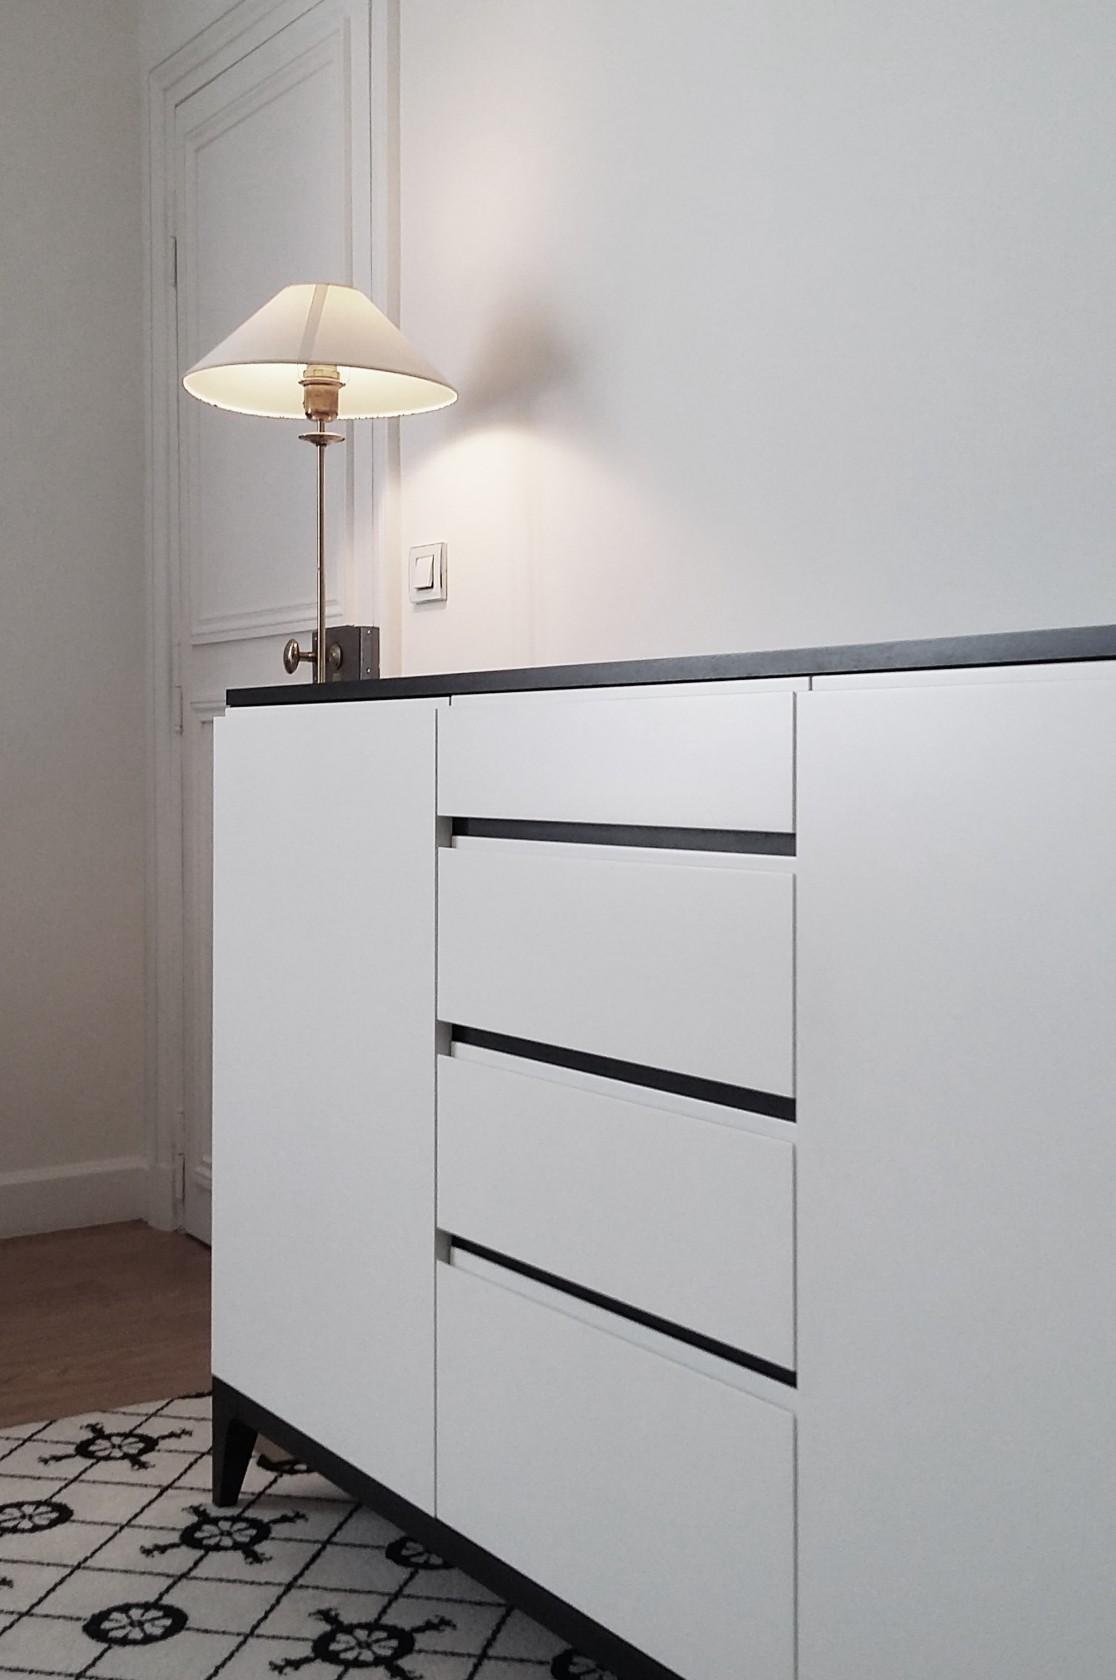 buffet sur mesure ludovic avenel b niste cr ateur paris. Black Bedroom Furniture Sets. Home Design Ideas